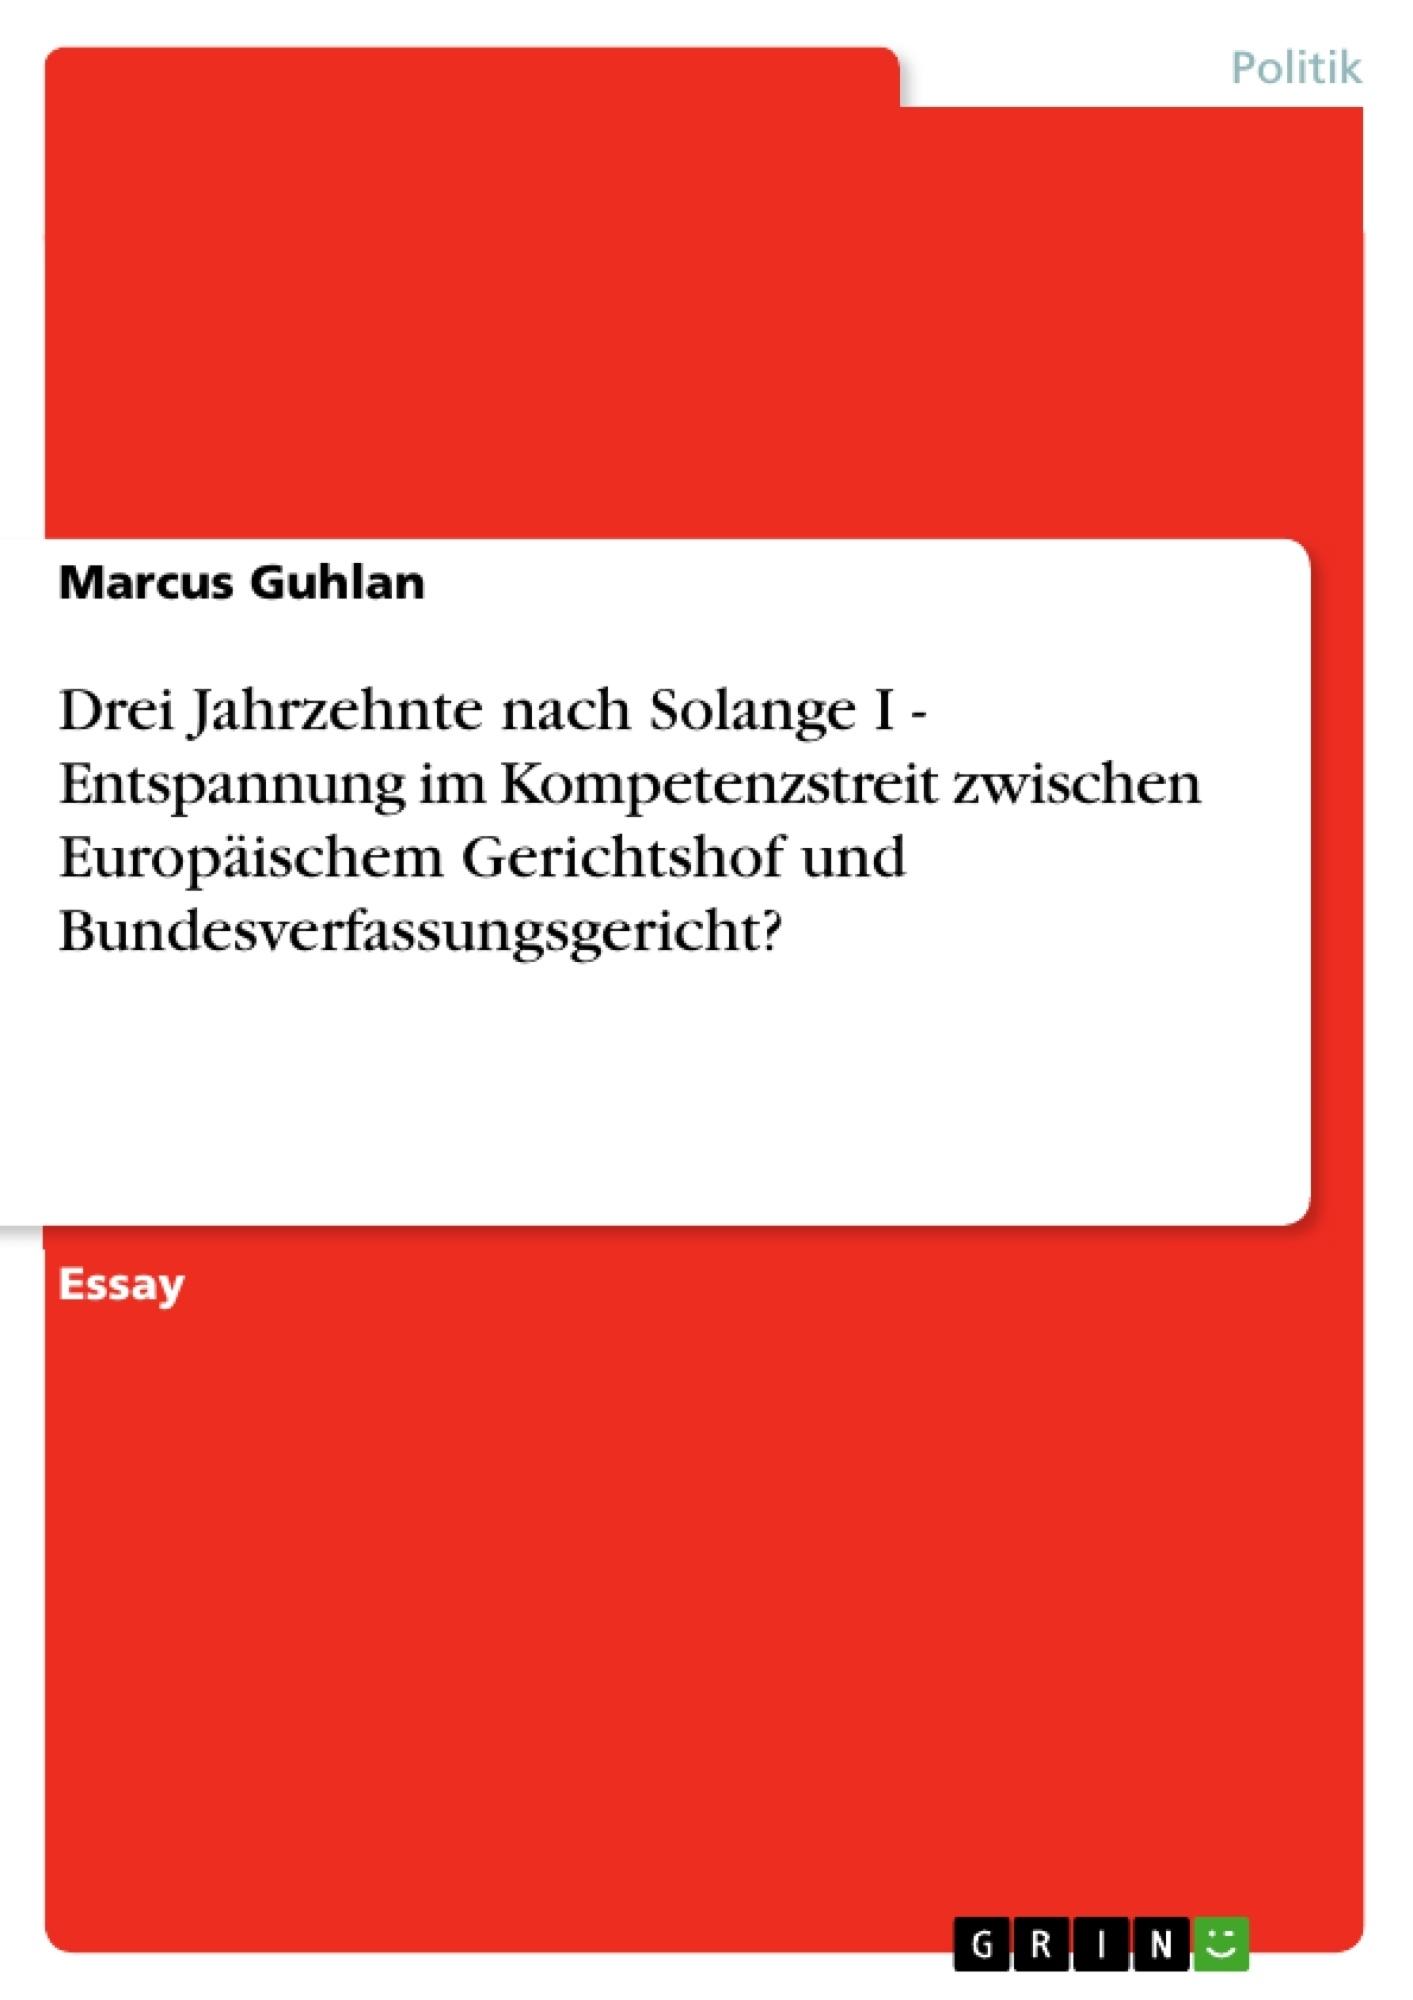 Titel: Drei Jahrzehnte nach Solange I - Entspannung im Kompetenzstreit zwischen Europäischem Gerichtshof und Bundesverfassungsgericht?